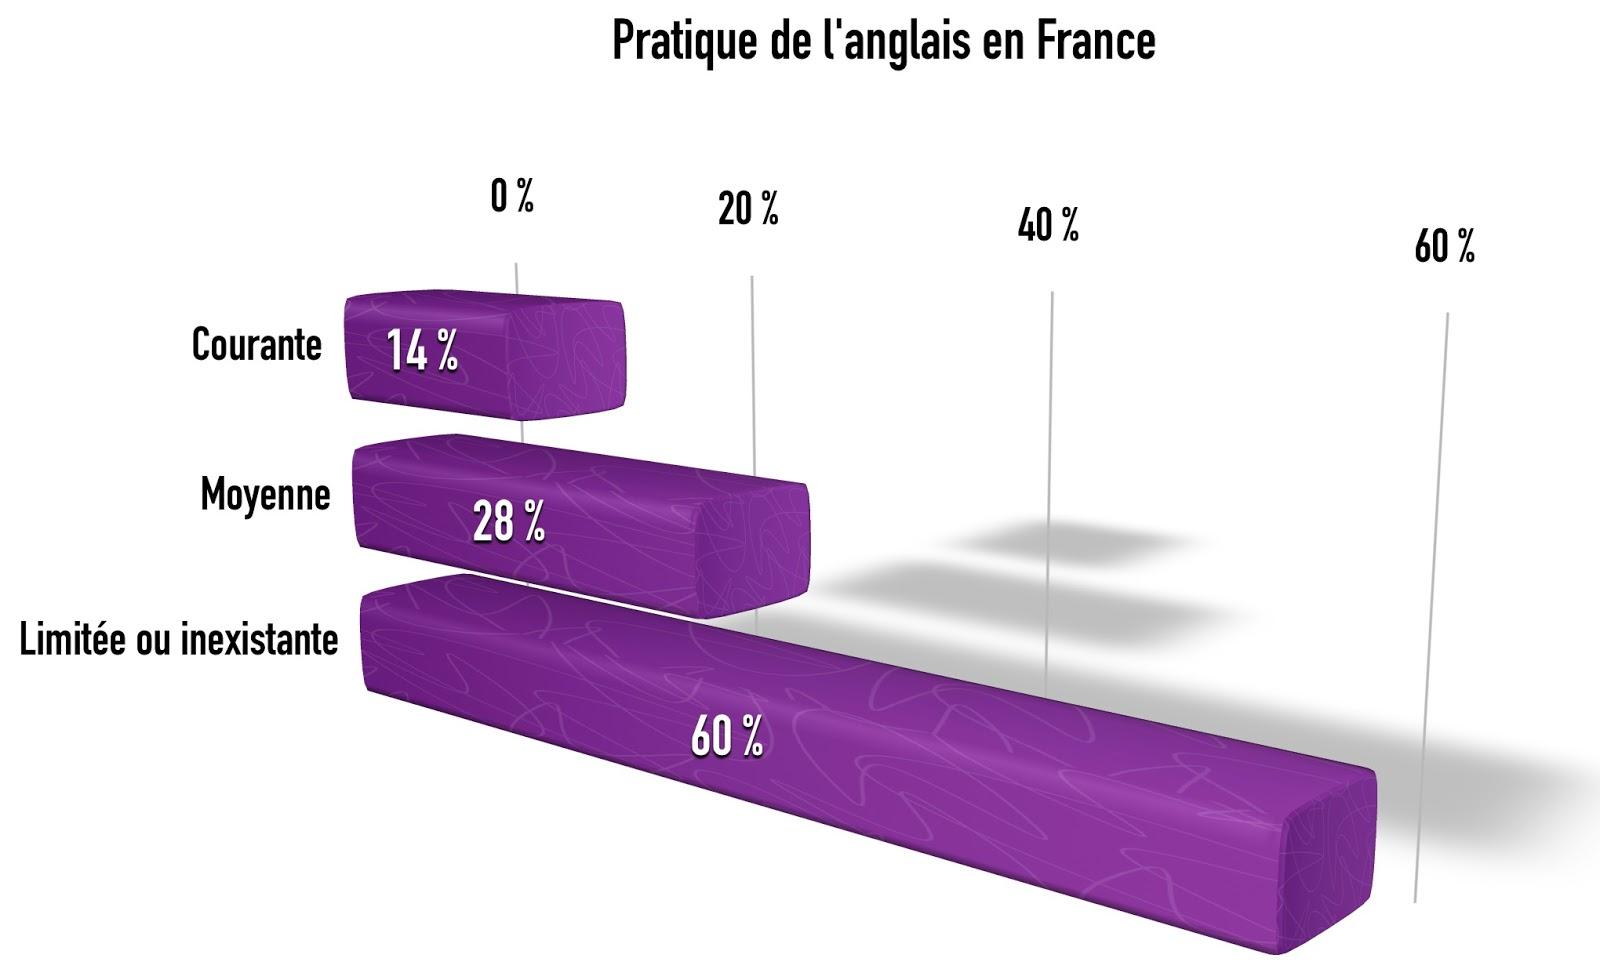 Combien de français maitrisent l'anglais ?